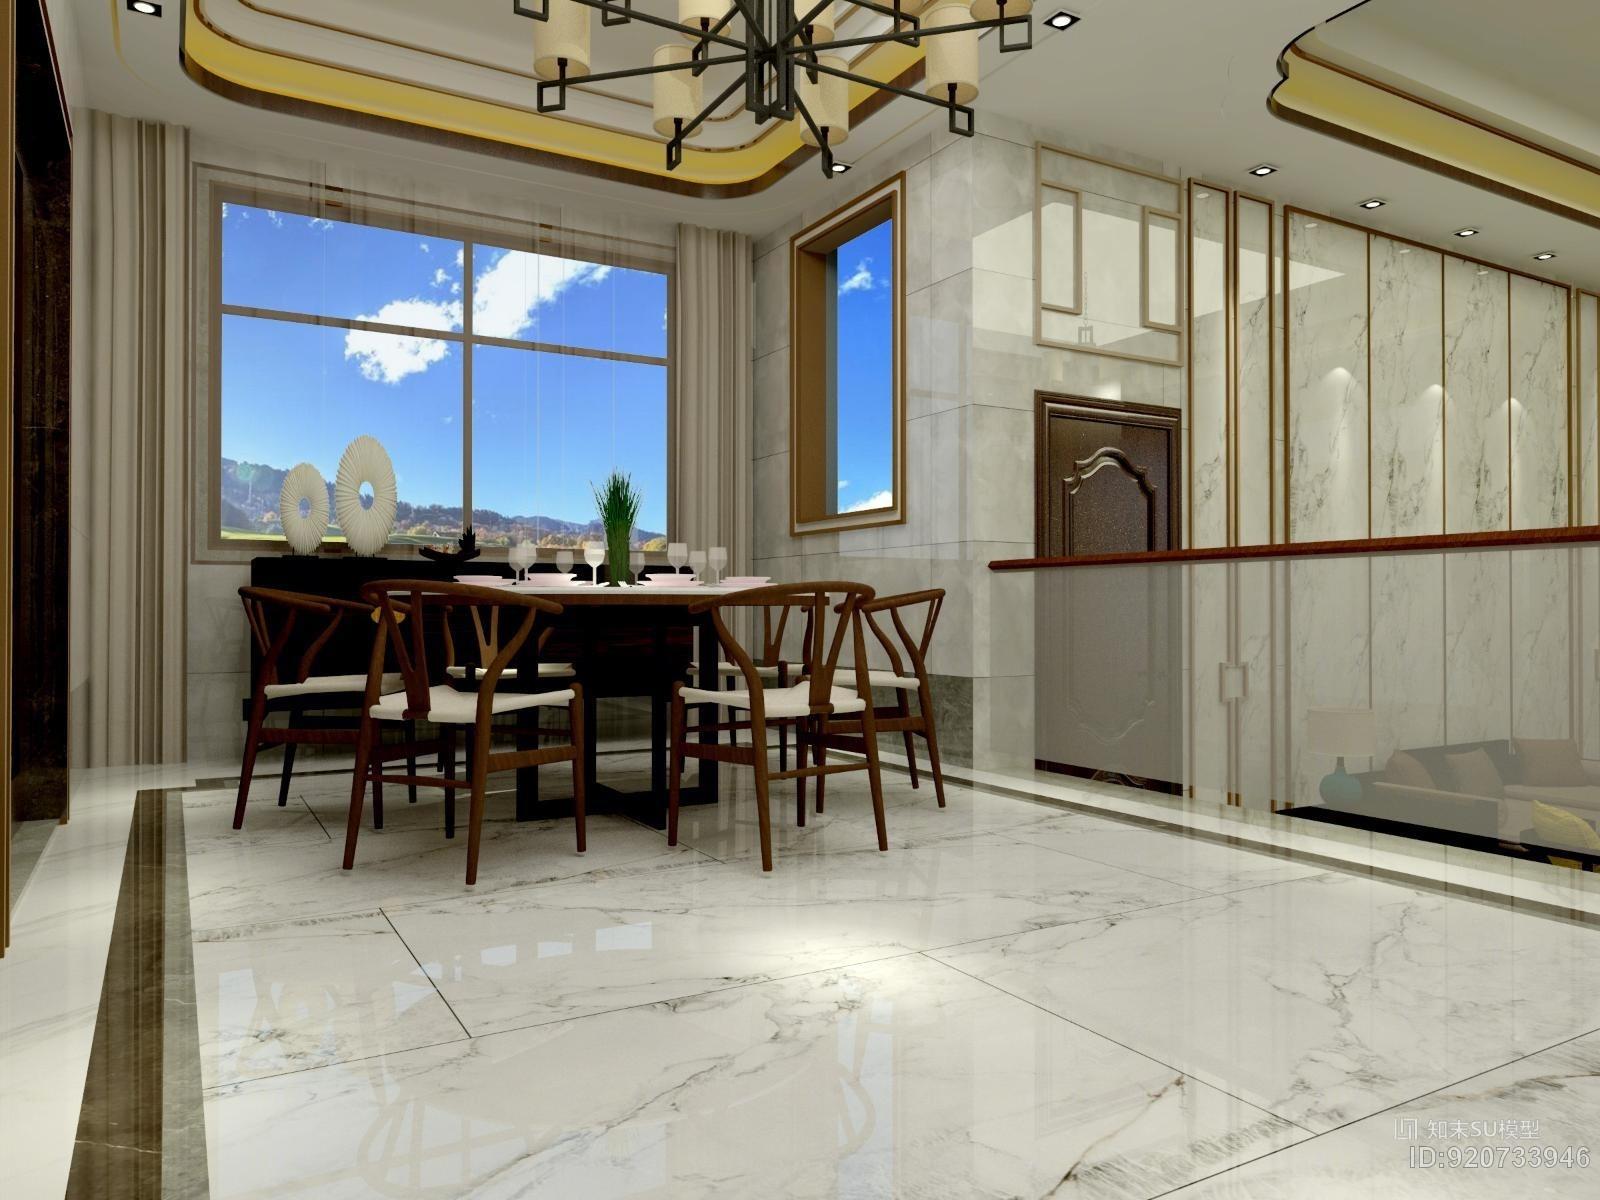 新中式别墅客厅 欧神诺卡萨罗大板瓷砖 新中式背景墙 新中式沙发背景墙